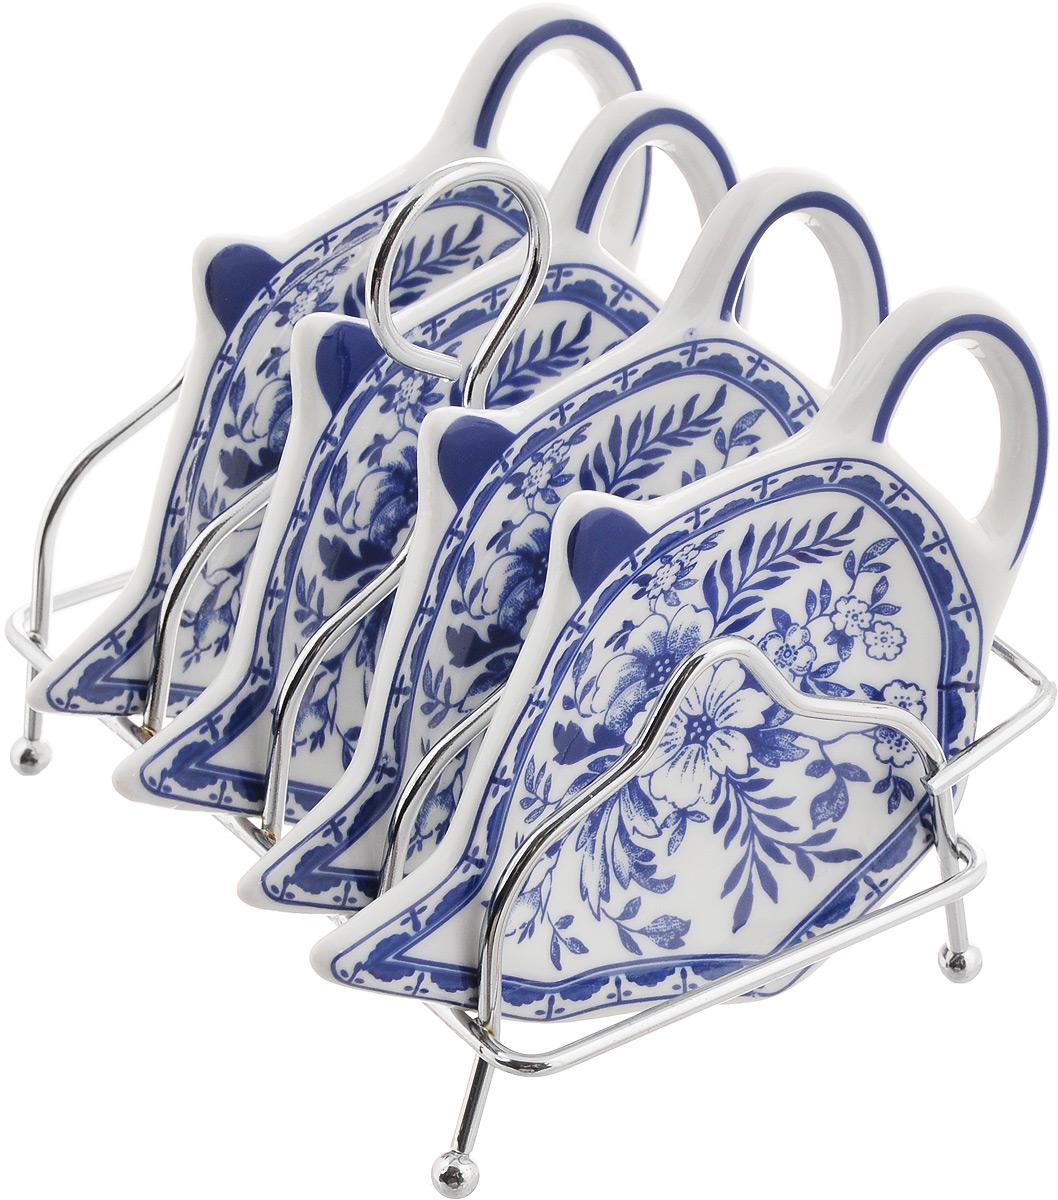 Набор подставок для чайных пакетиков Patricia Флер, 5 предметовIM56-0212Набор подставок Patricia Флер, изготовленный из высококачественного фарфора, порадует вас оригинальностью и дизайном. Подставки выполнены в форме чайничка и оформлены ярким рисунком. В комплект входит металлическая подставка.Можно мыть в посудомоечной машине и использовать в микроволновой печи. Размер подставки для чайных пакетиков: 11,5 х 8 см. Размер металлической подставки: 12 х 9 х 10 см.